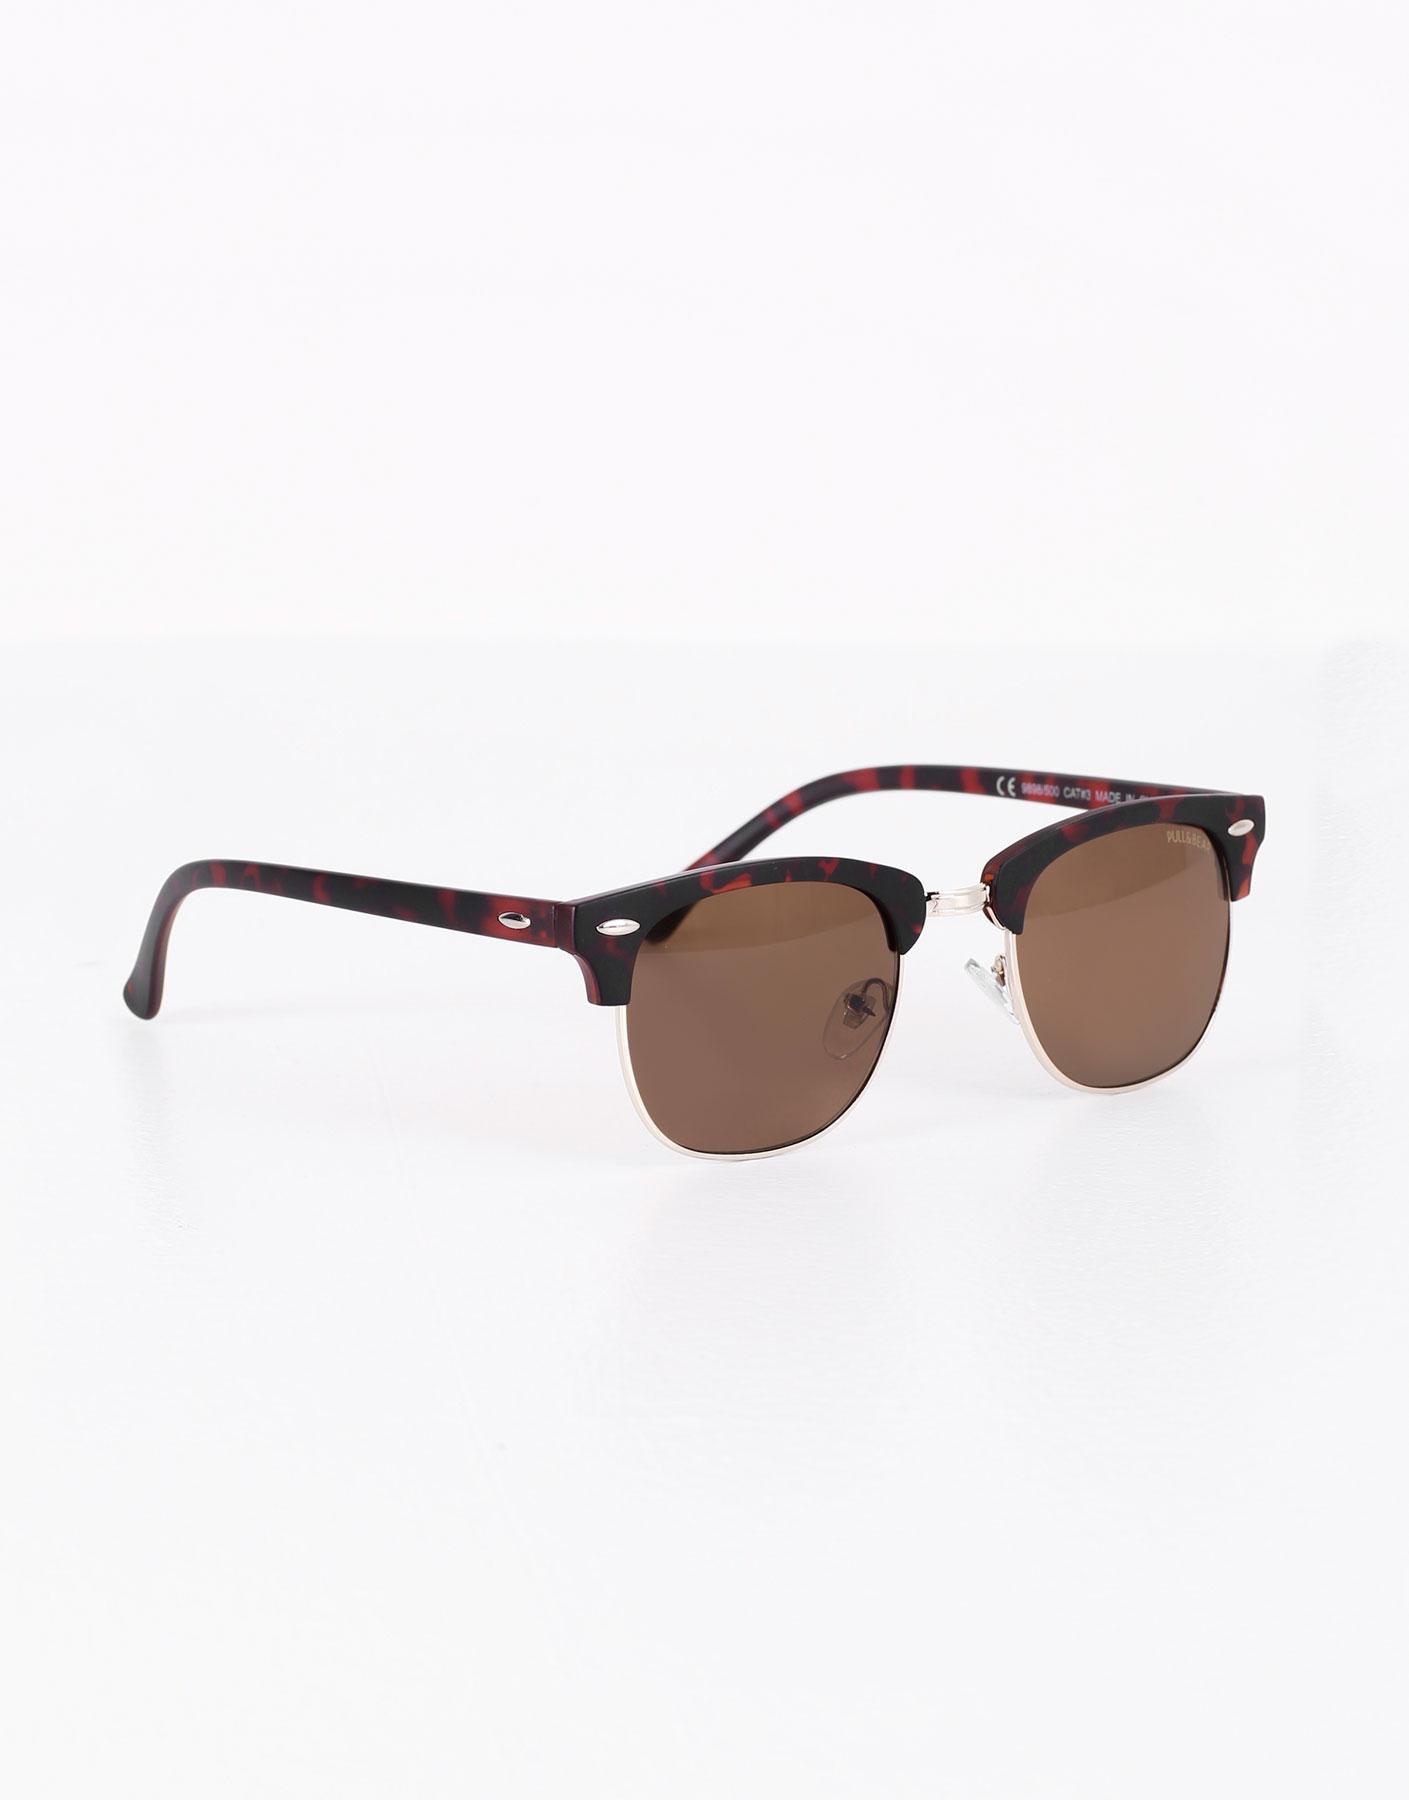 Sonnenbrille aus schildpattimitat